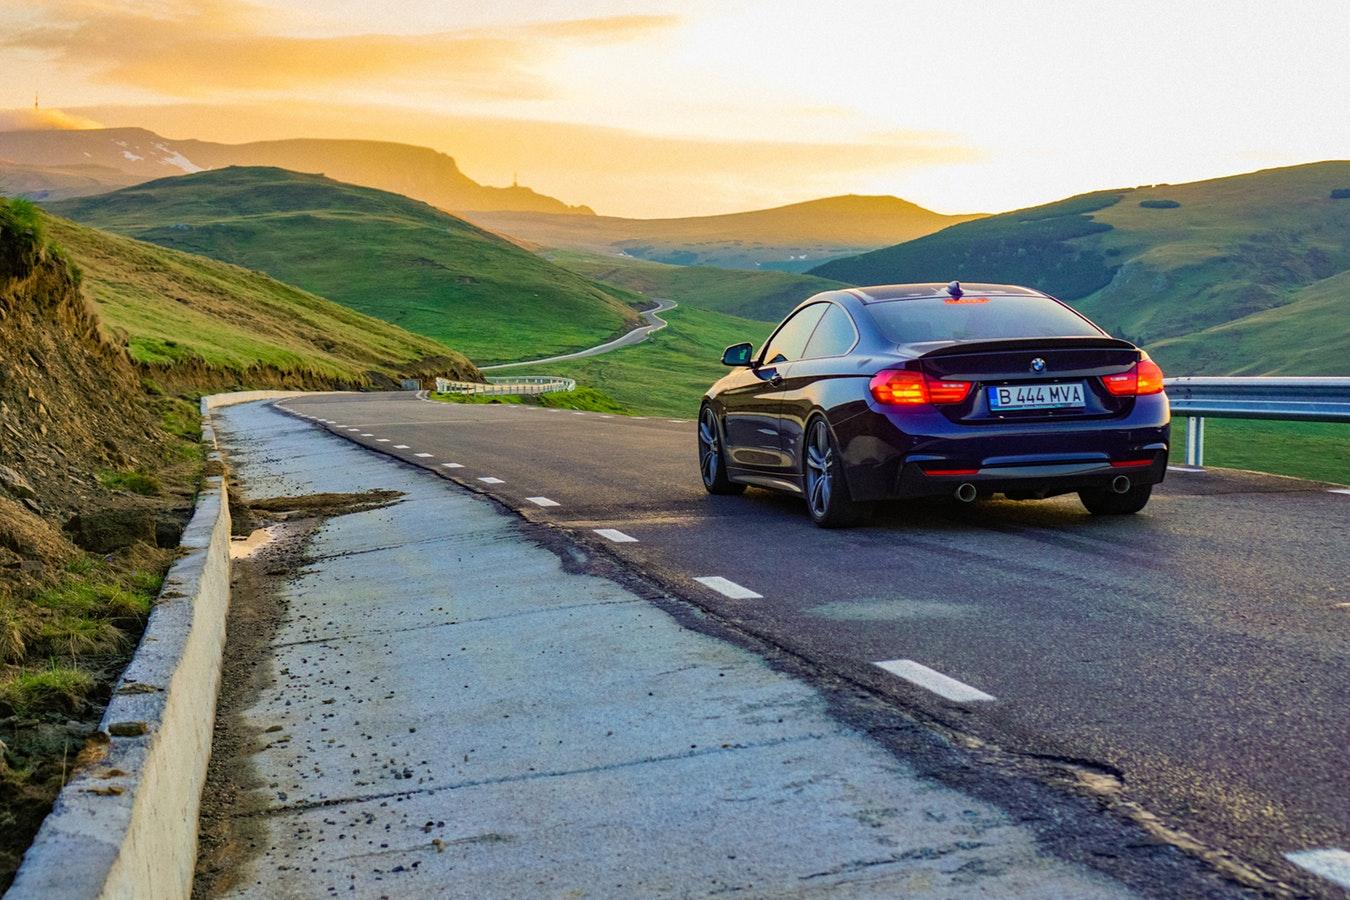 Luxury vehicle on the road.